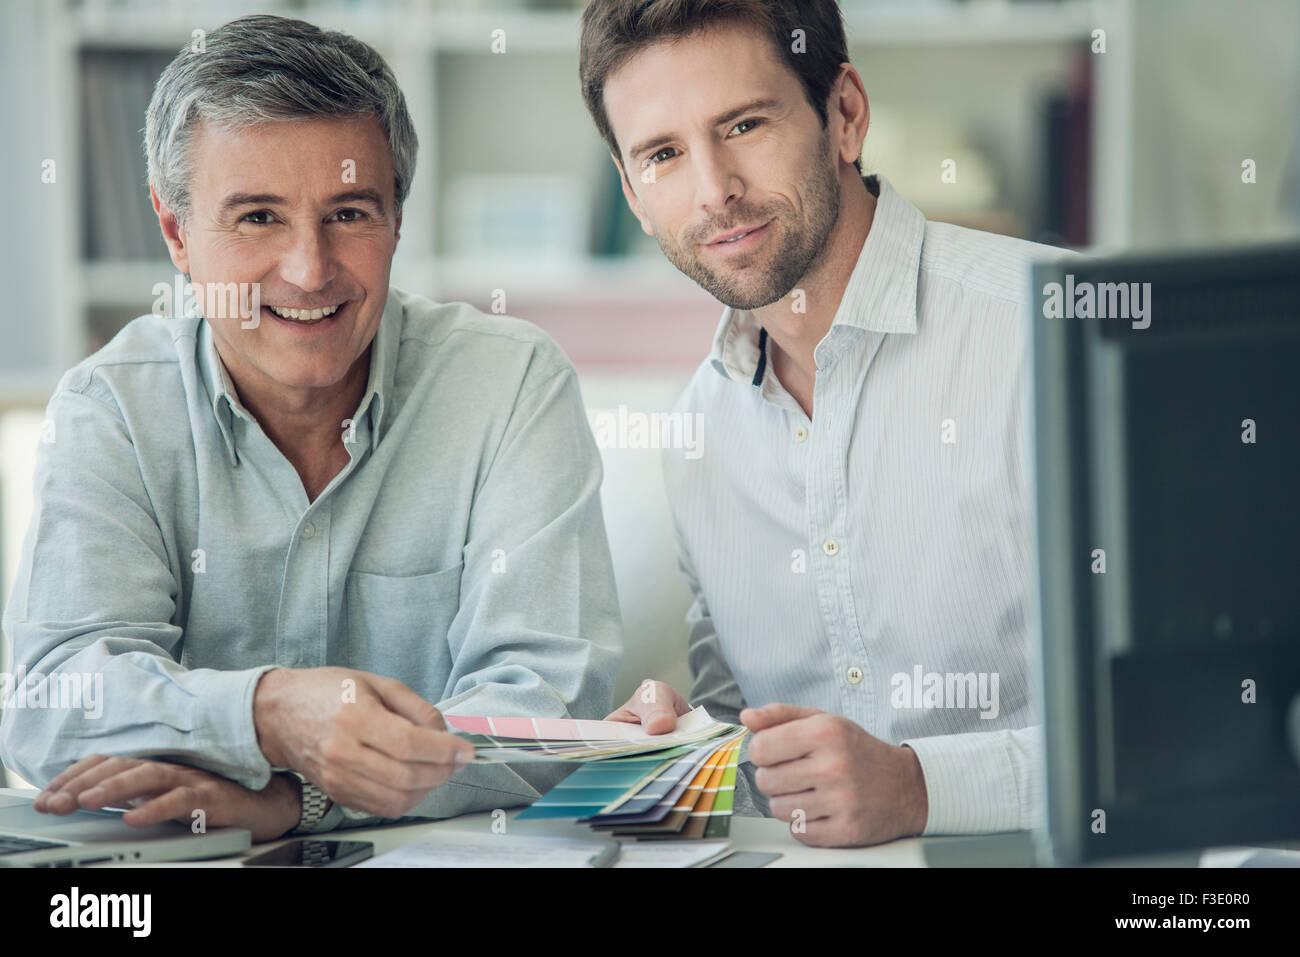 Los empresarios discutiendo las muestras de color, Retrato Imagen De Stock